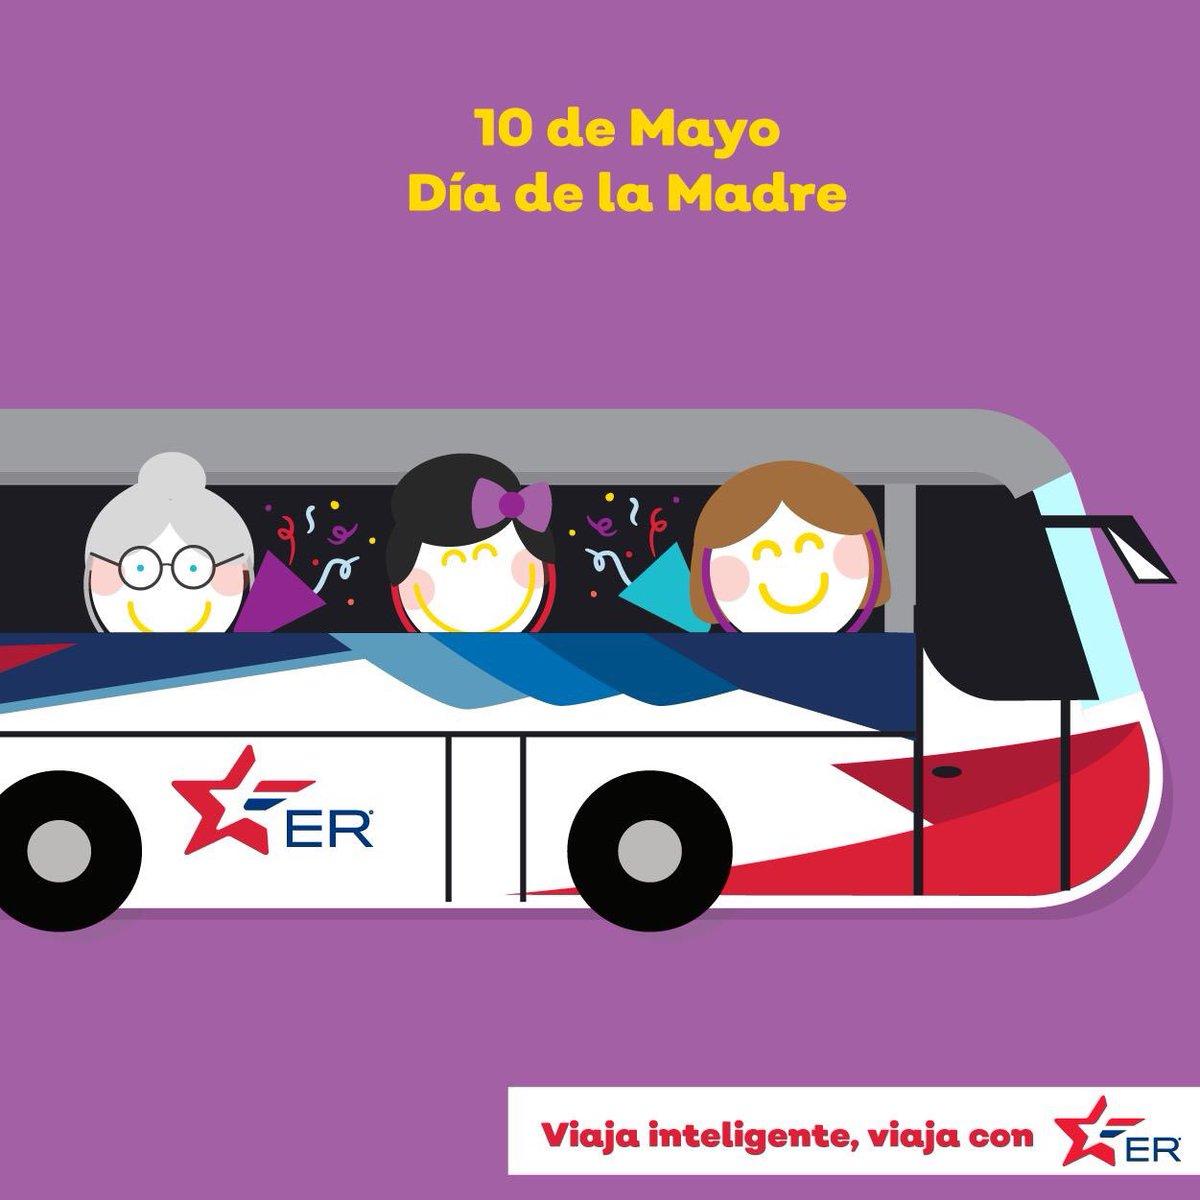 test Twitter Media - En Estrella Roja felicitamos hoy en su día, a todas las mamás viajeras. https://t.co/f1qN1Vfrg1